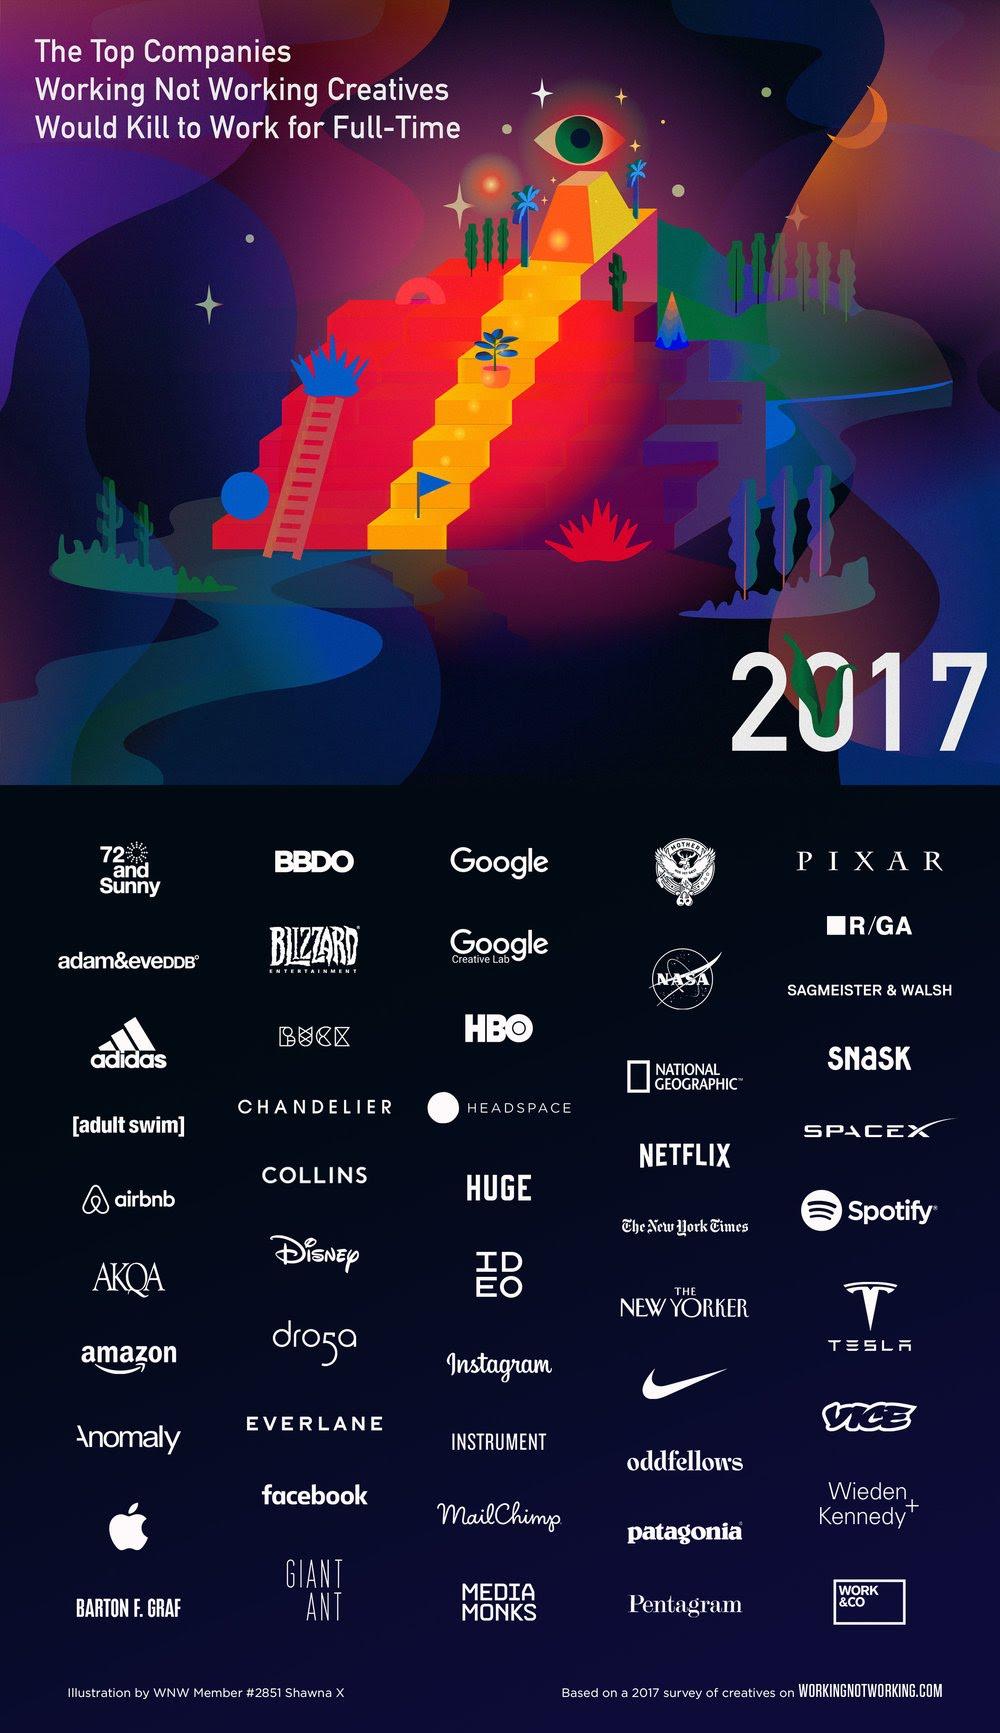 Las 50 mejores empresas para trabajar según los profesionales creativos, edición 2017